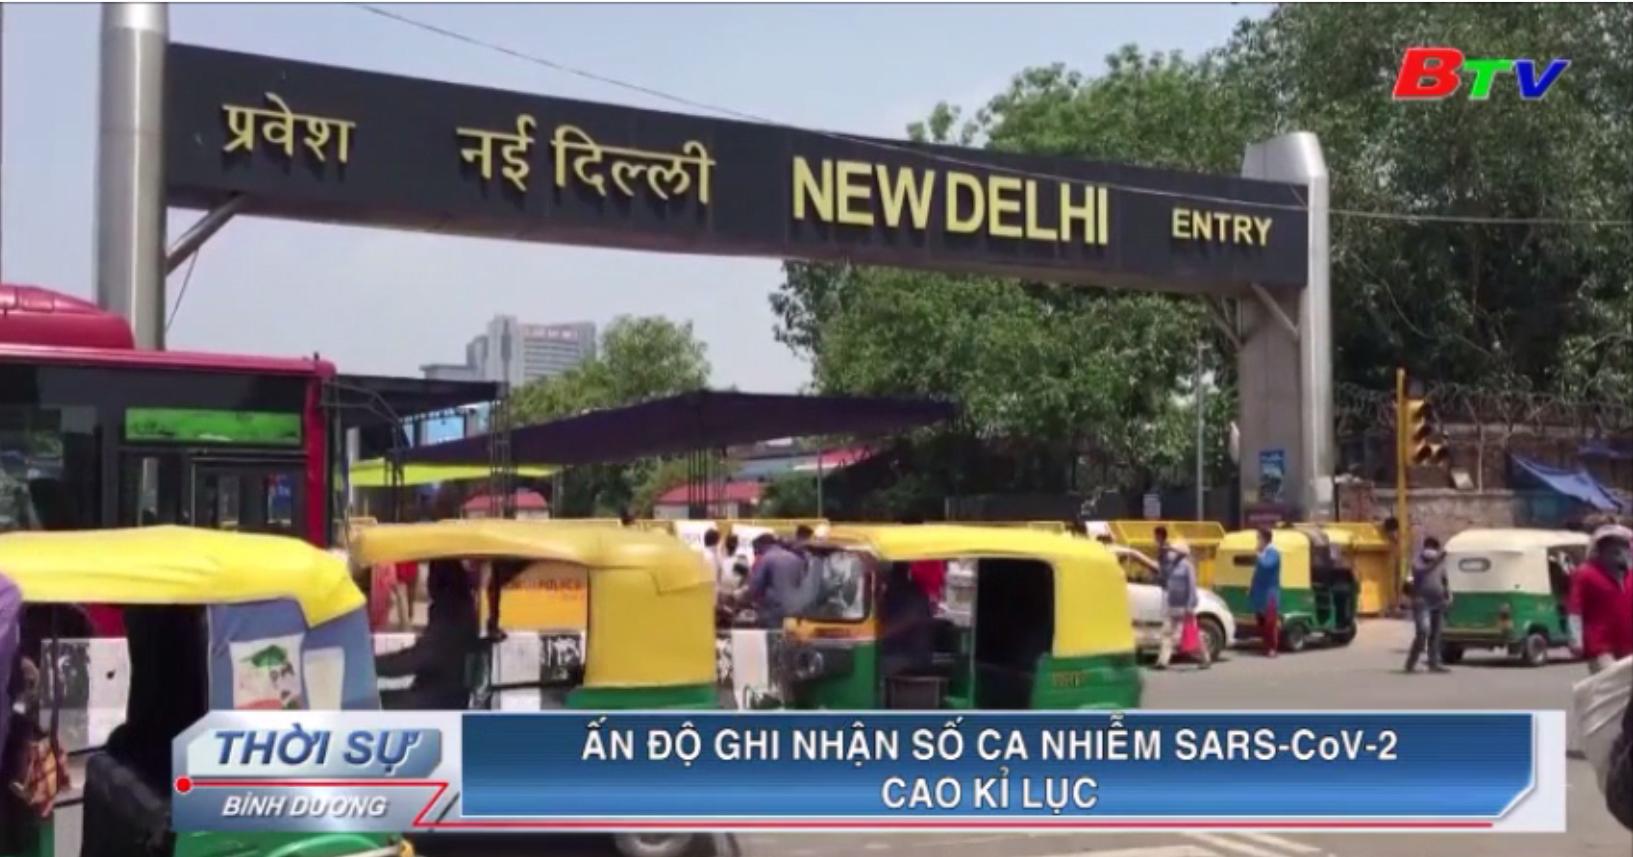 Ấn Độ ghi nhận số ca nhiễm SARS-CoV-2 cao kỉ lục